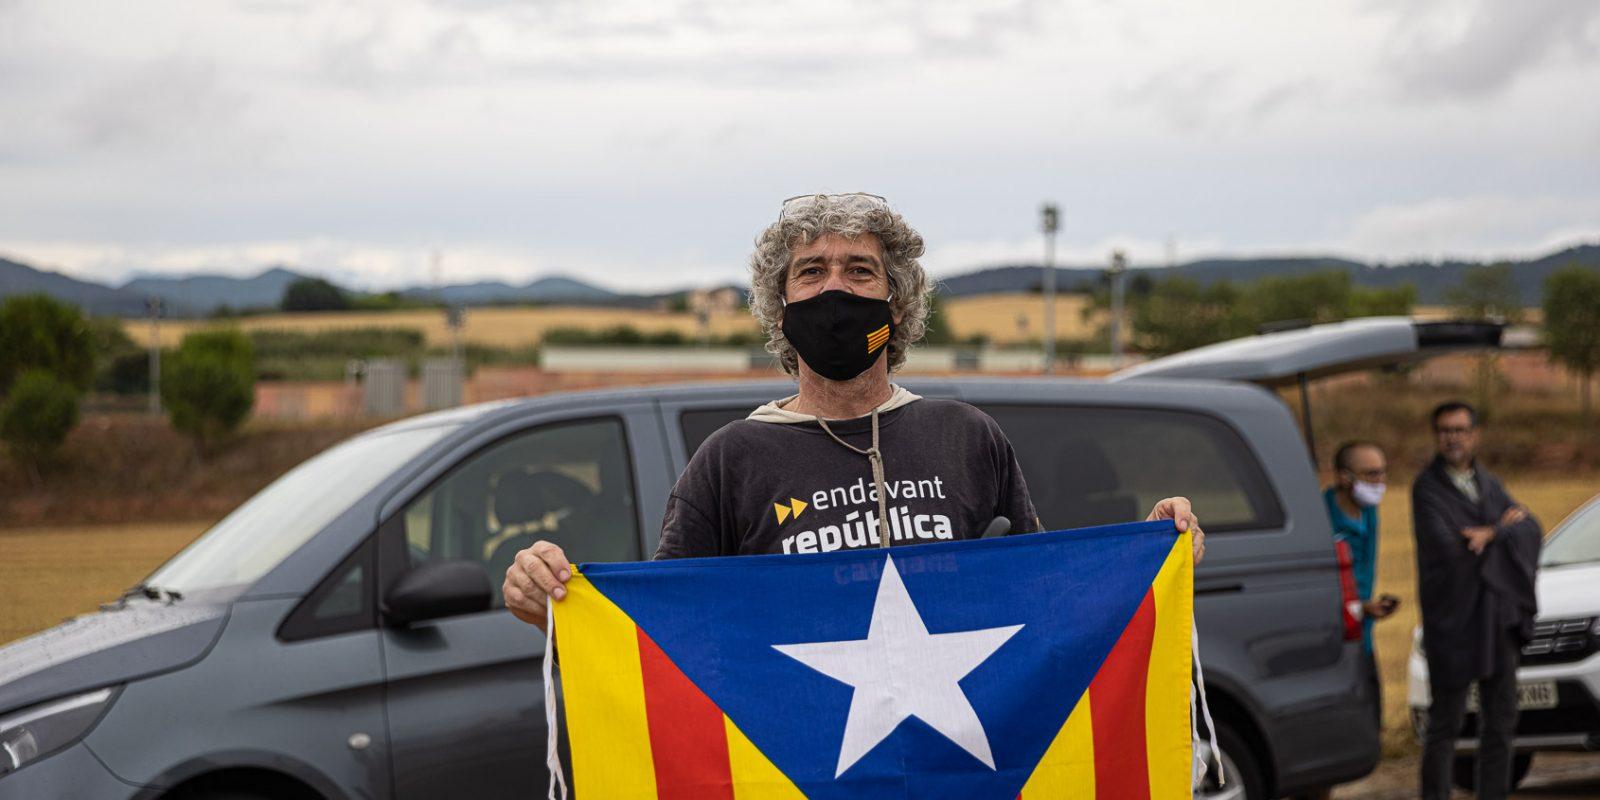 Esperant la sortida dels presos de Lledoners / Jordi Borràs